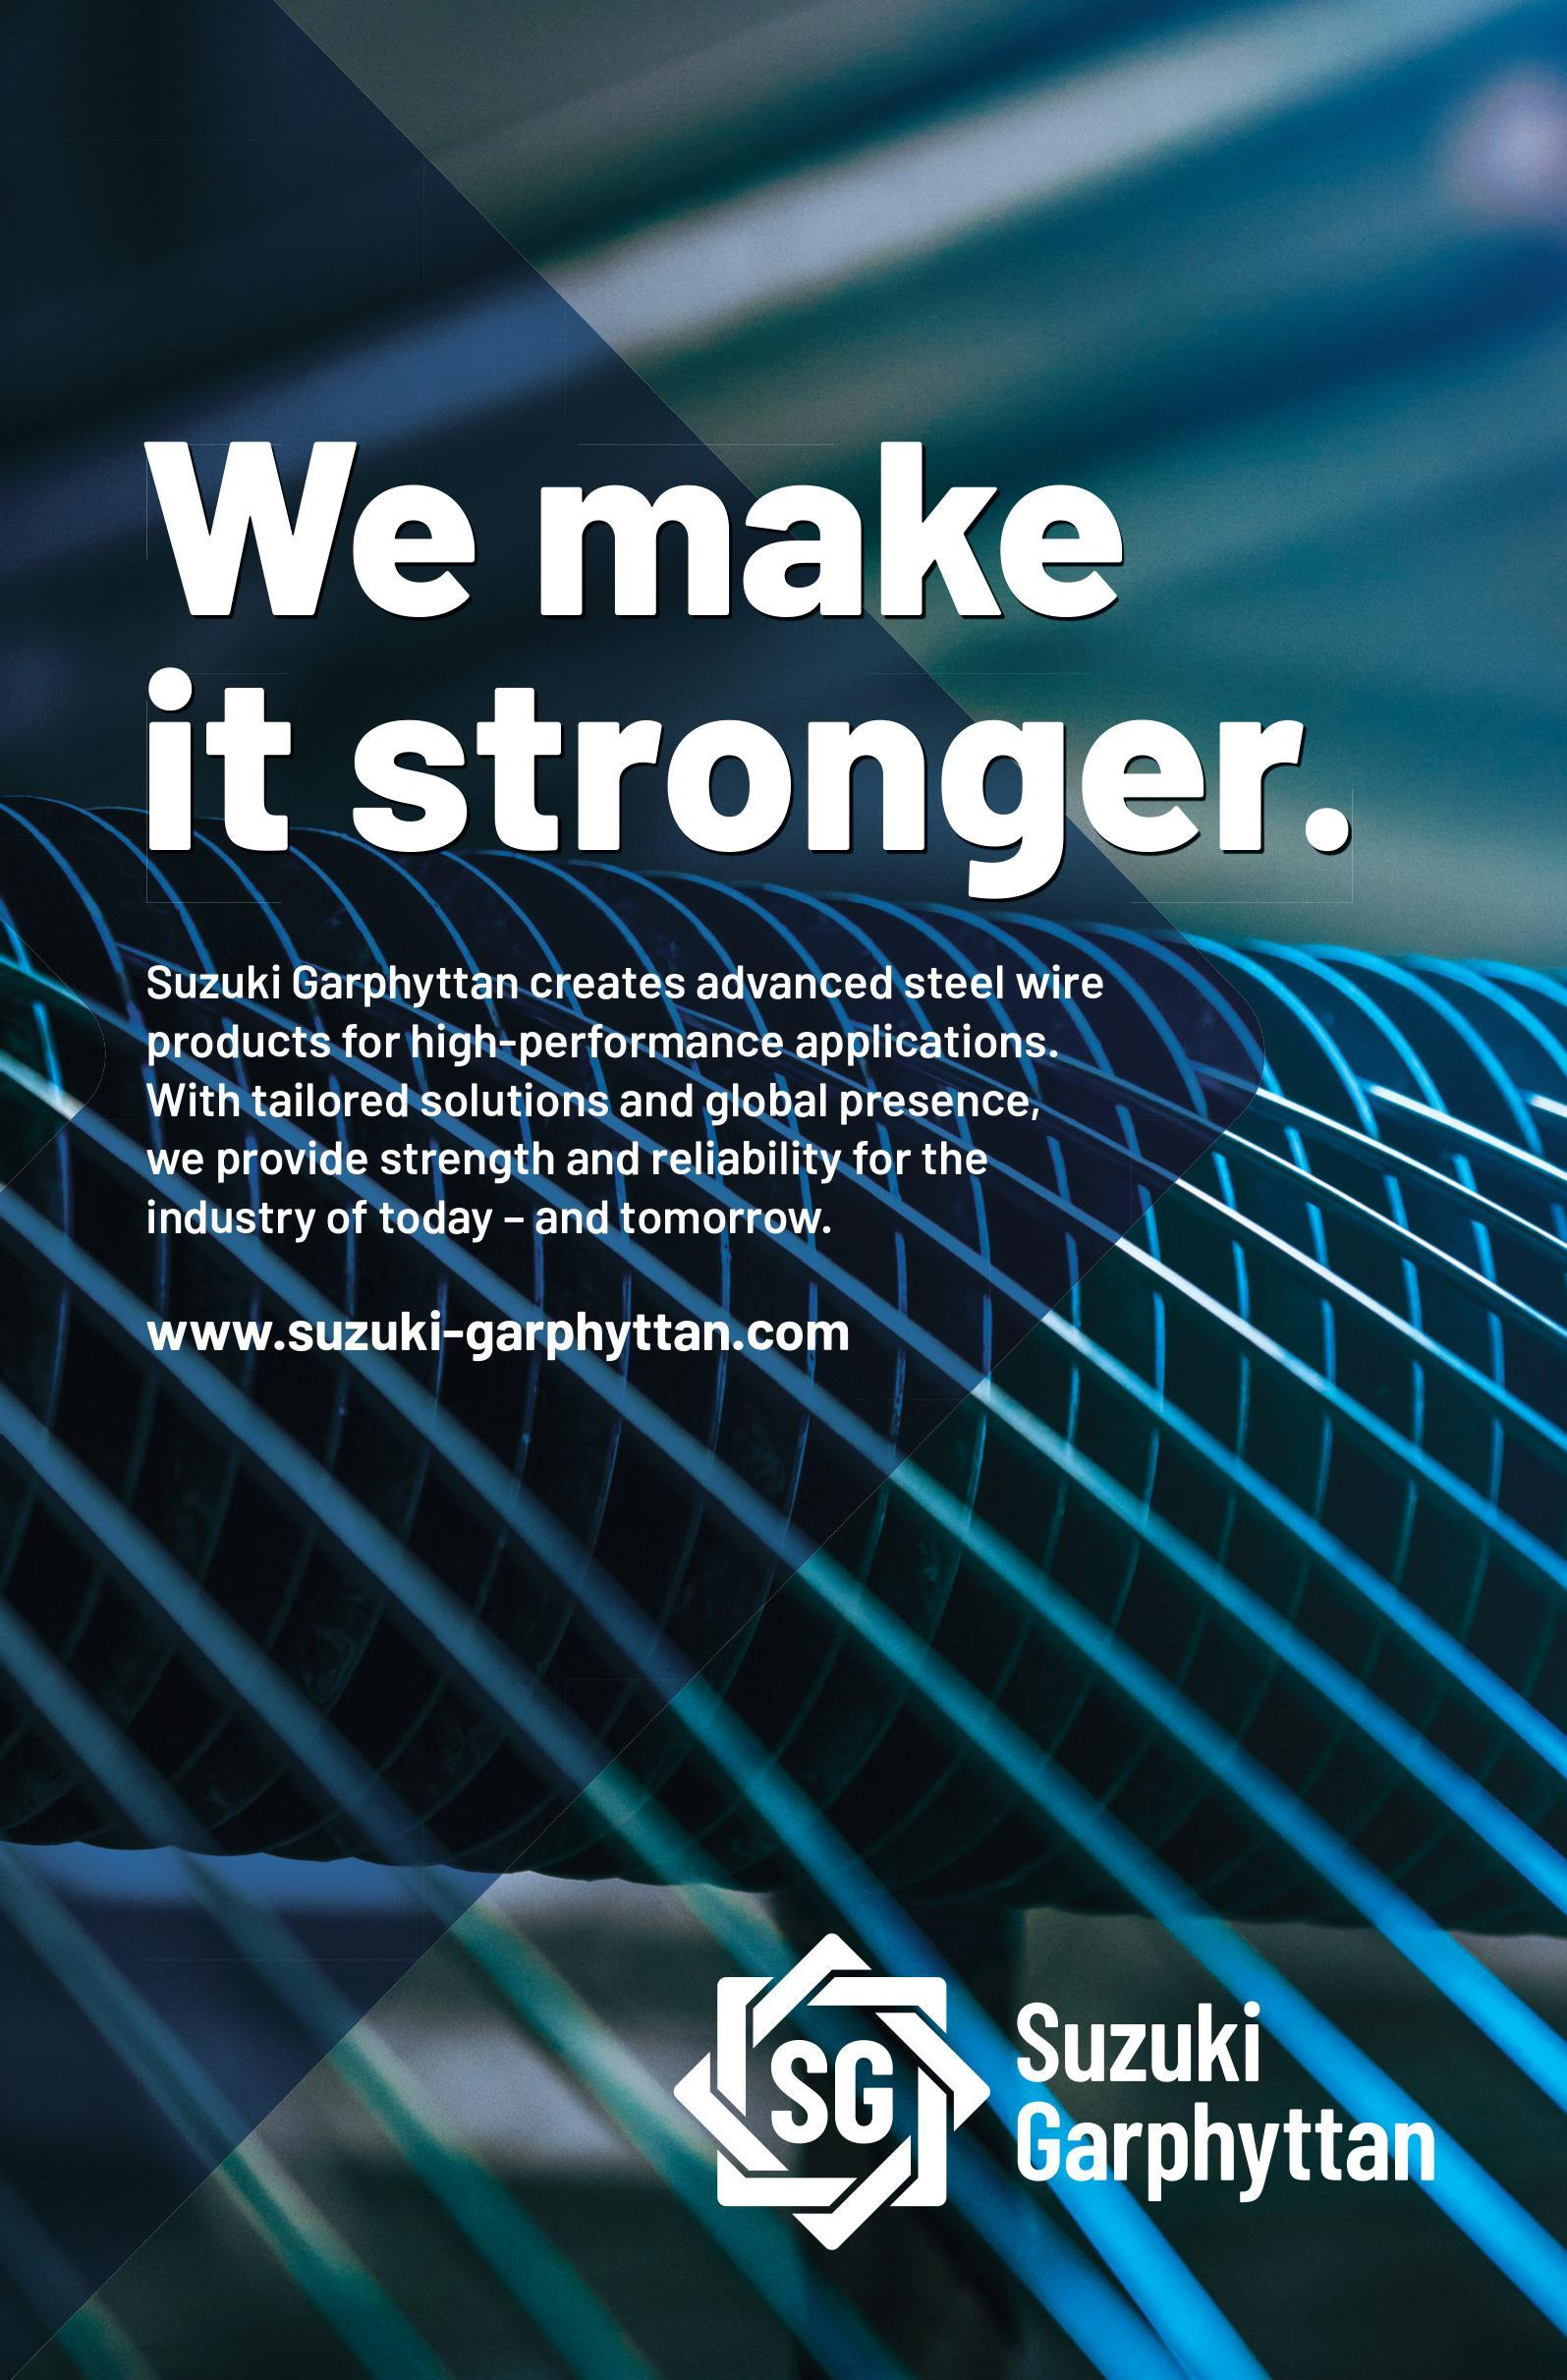 Suzuki Garphyttan Annons 2020